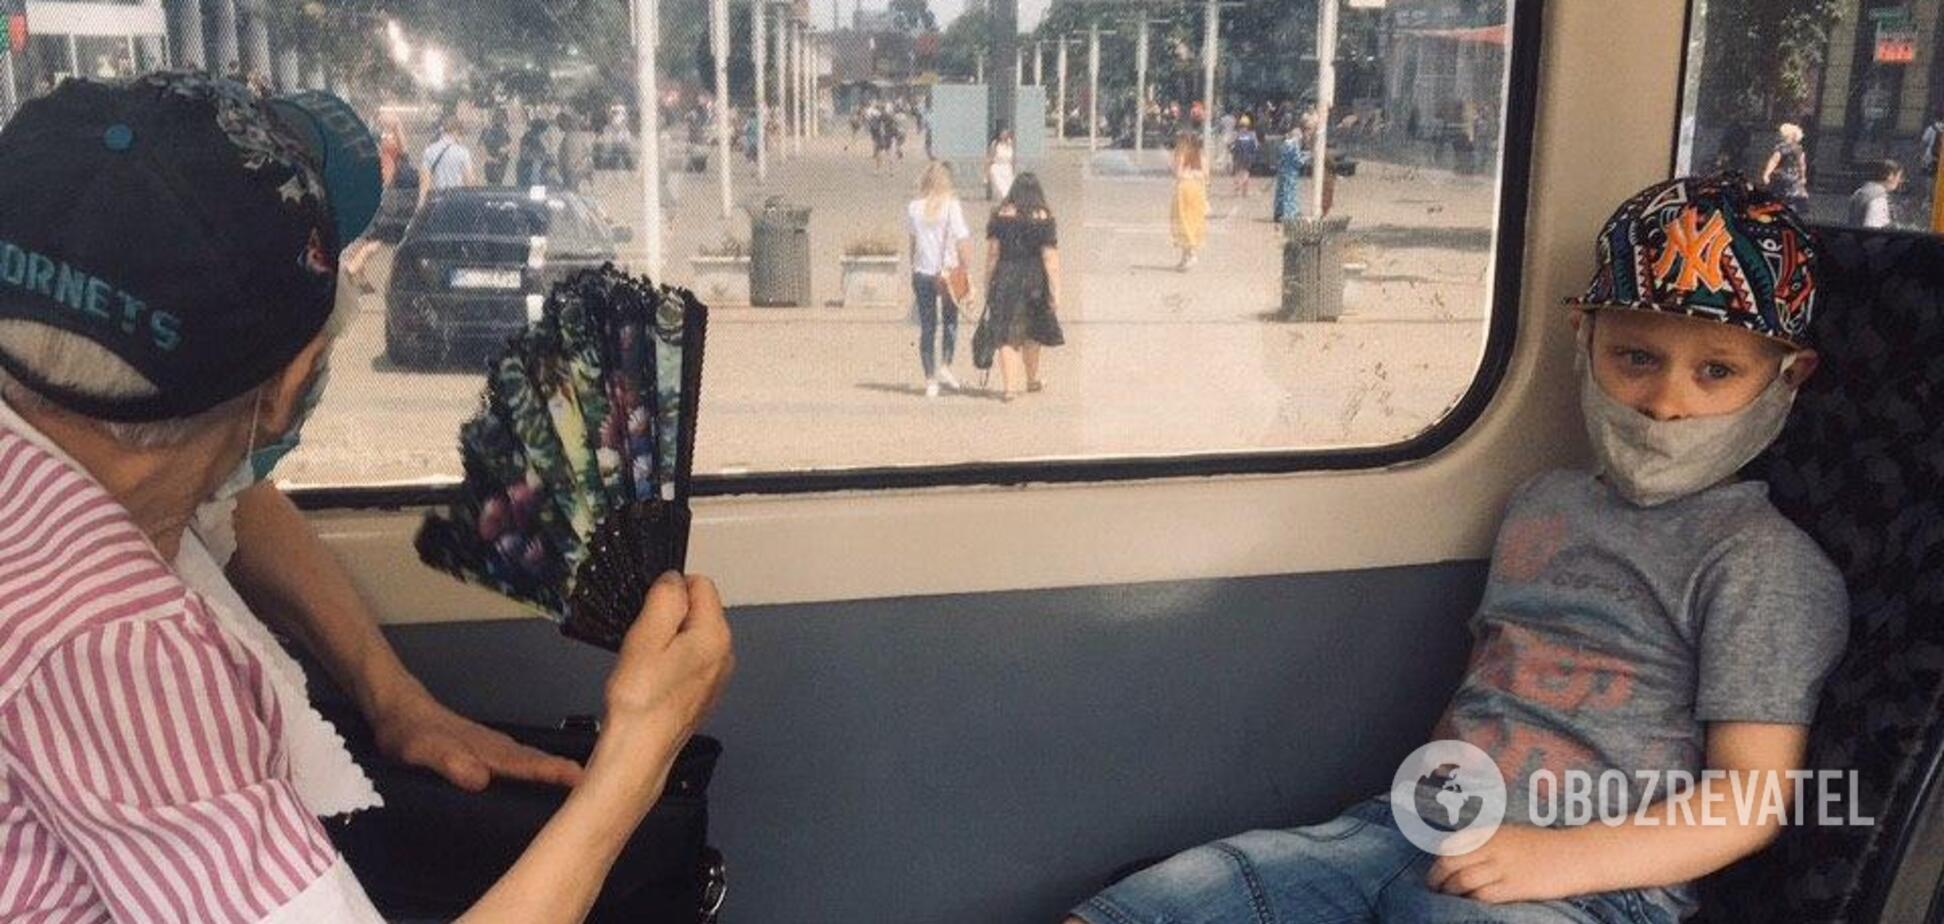 От масок до дистанции: соблюдают ли безопасность жители Днепра в транспорте